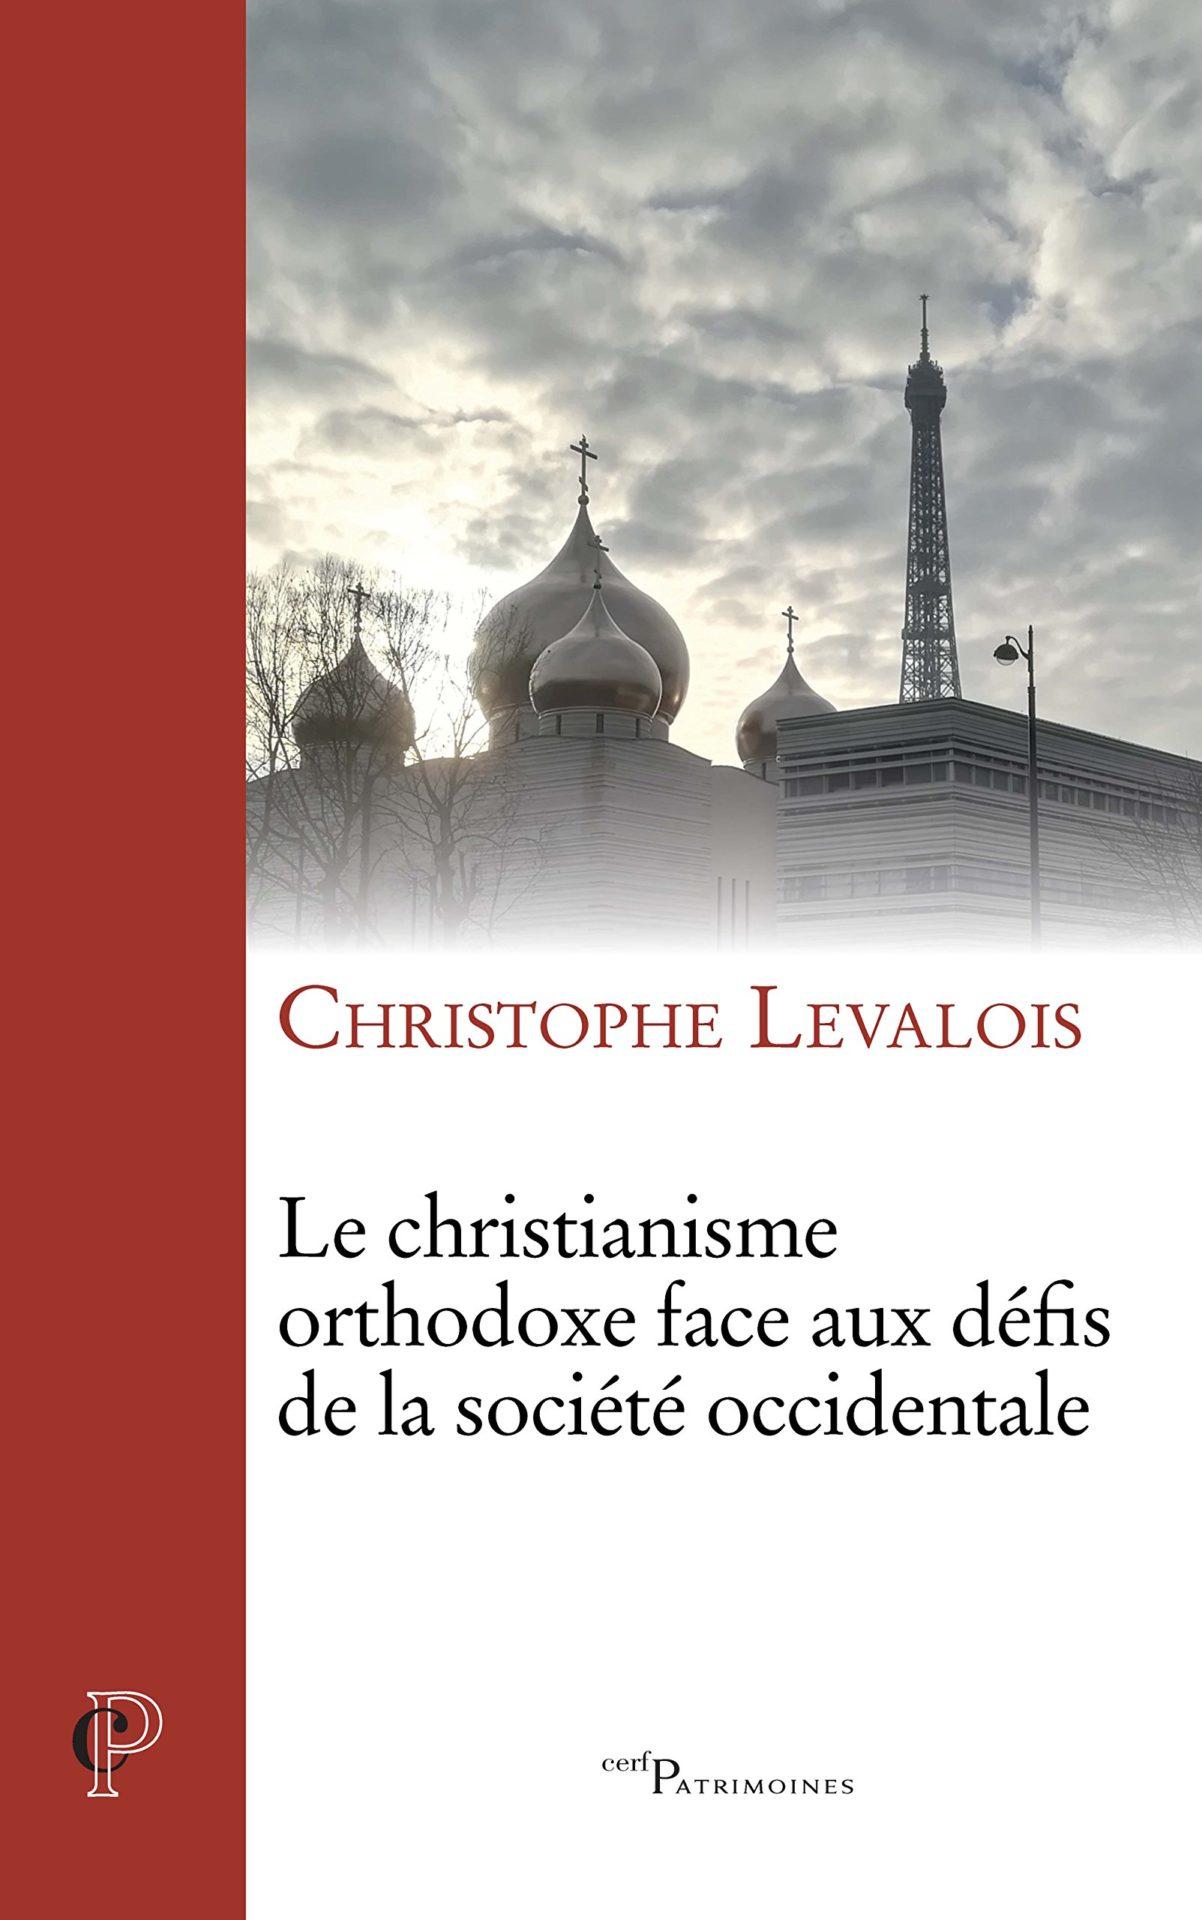 Le christianisme orthodoxe face aux défis de la société occidentale par Christophe Levalois (Cerf Patrimoines).